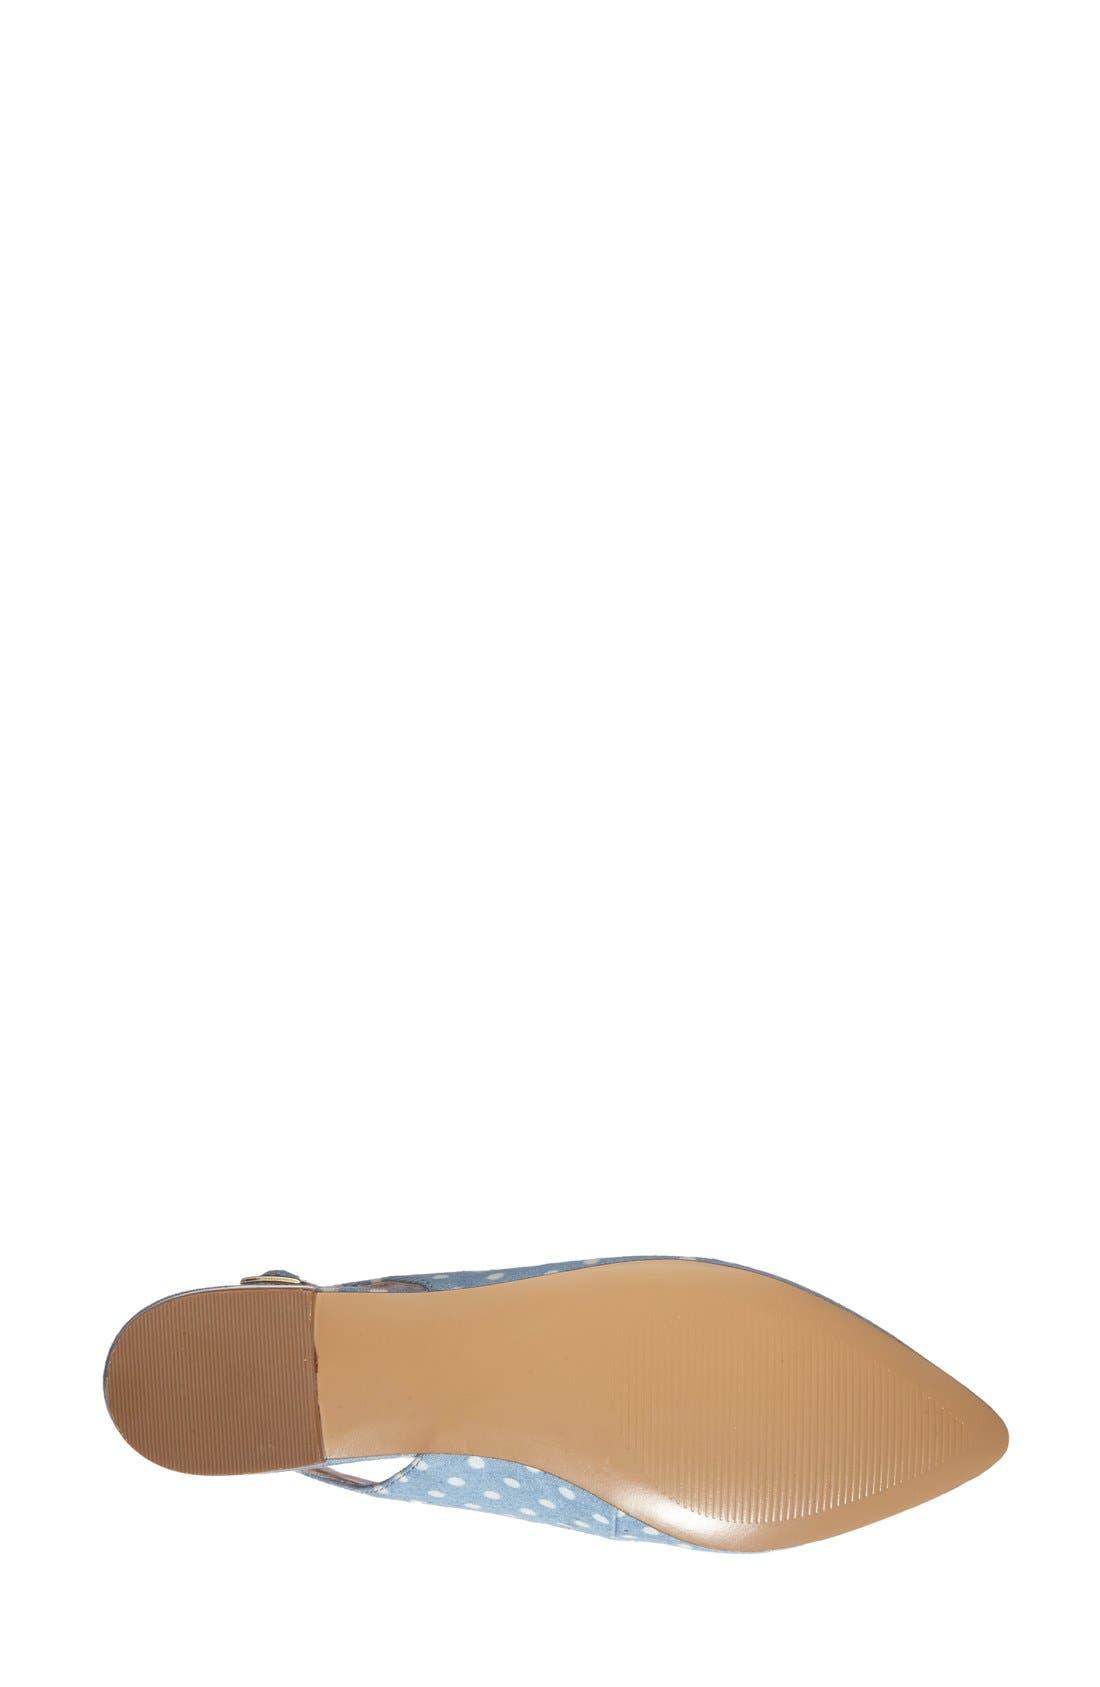 Alternate Image 4  - Sole Society 'Molly' Pointy Toe Slingback Flat (Women)